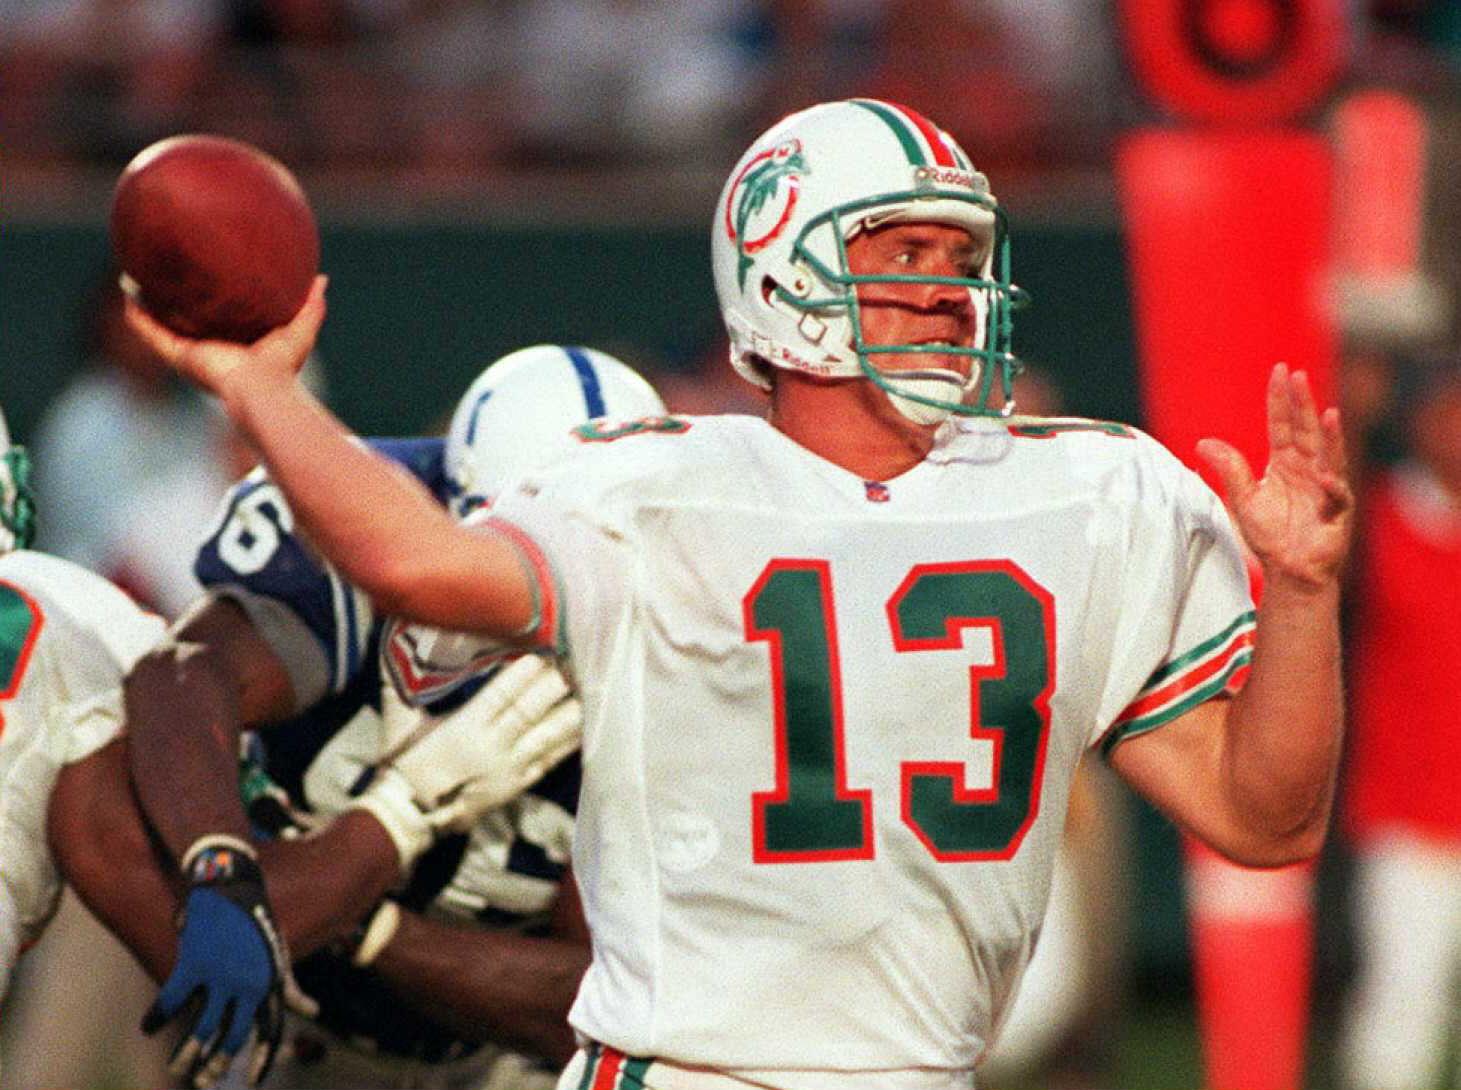 Miami Dolphin's quarterback Dan Marino broke Fran